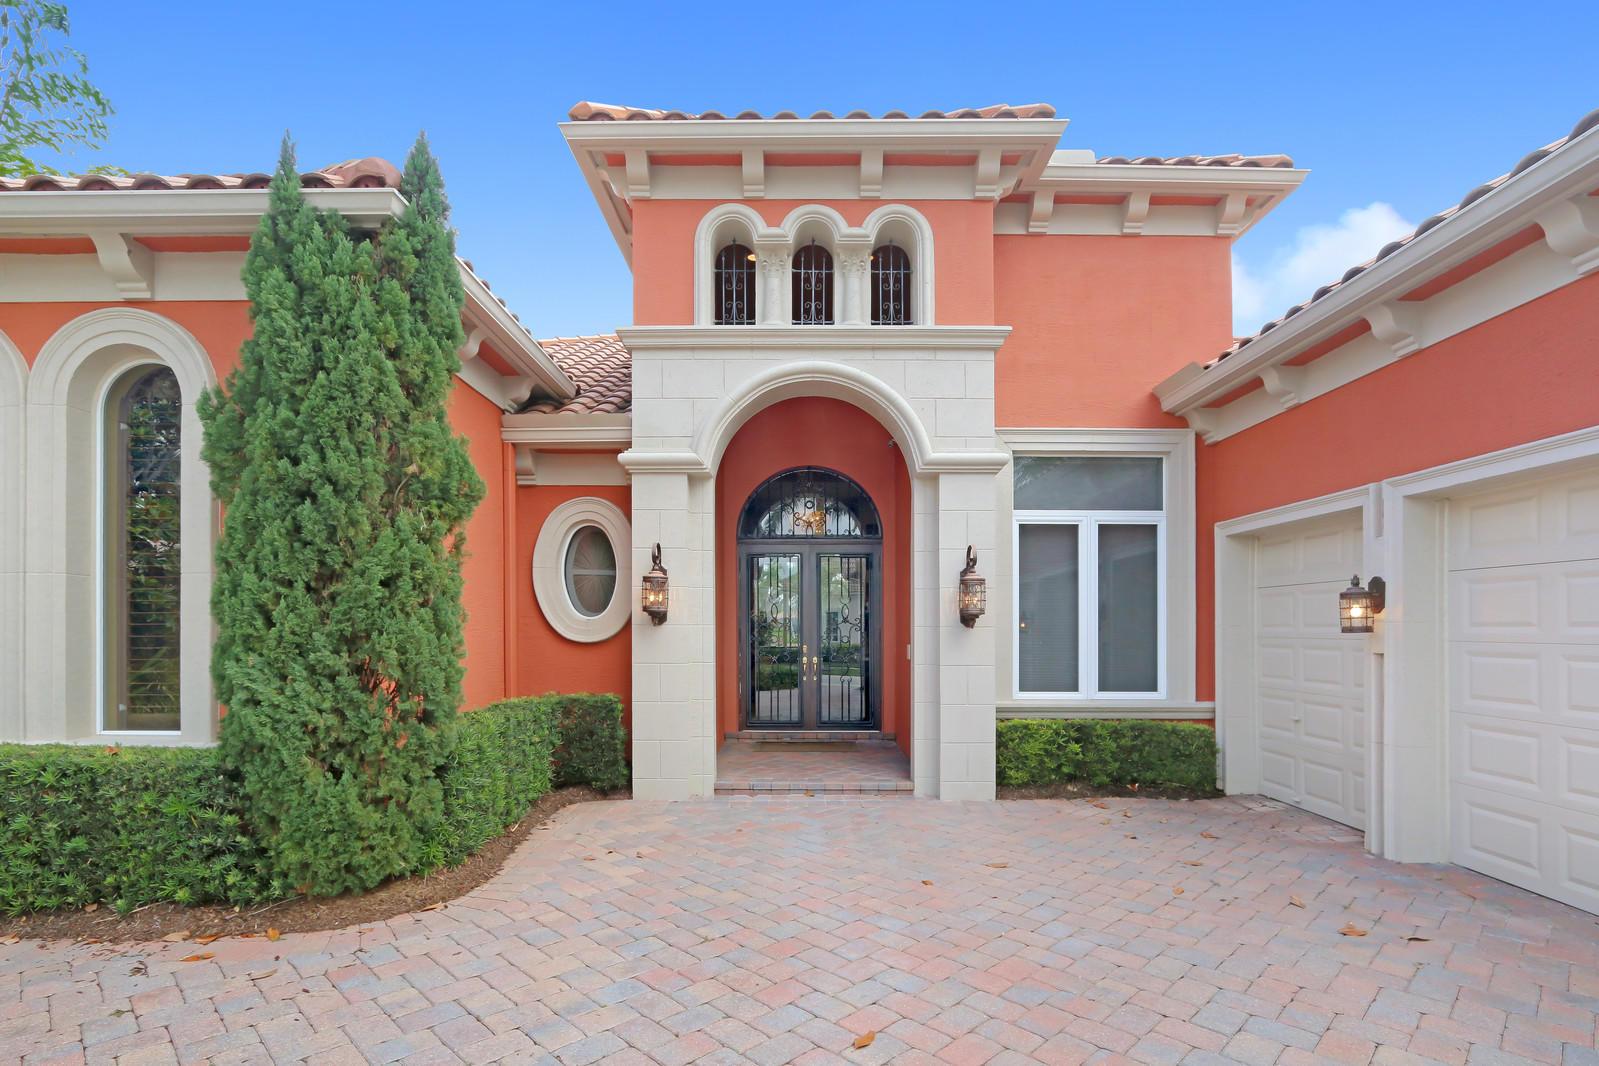 Photo of 7940 Cranes Pointe Way, West Palm Beach, FL 33412